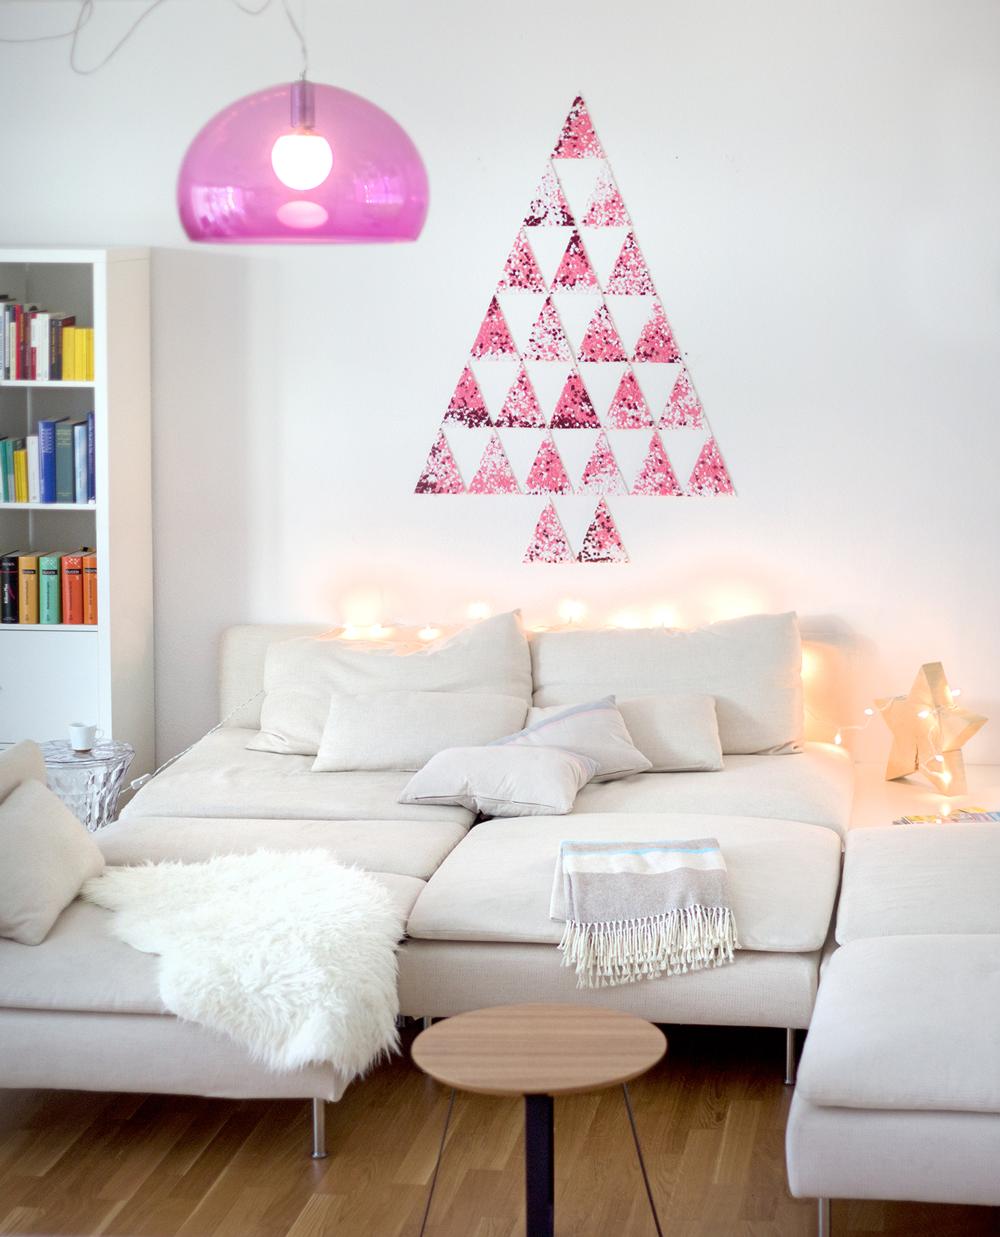 Kerstmis 2016 - DIY confetti kerstboom - 1